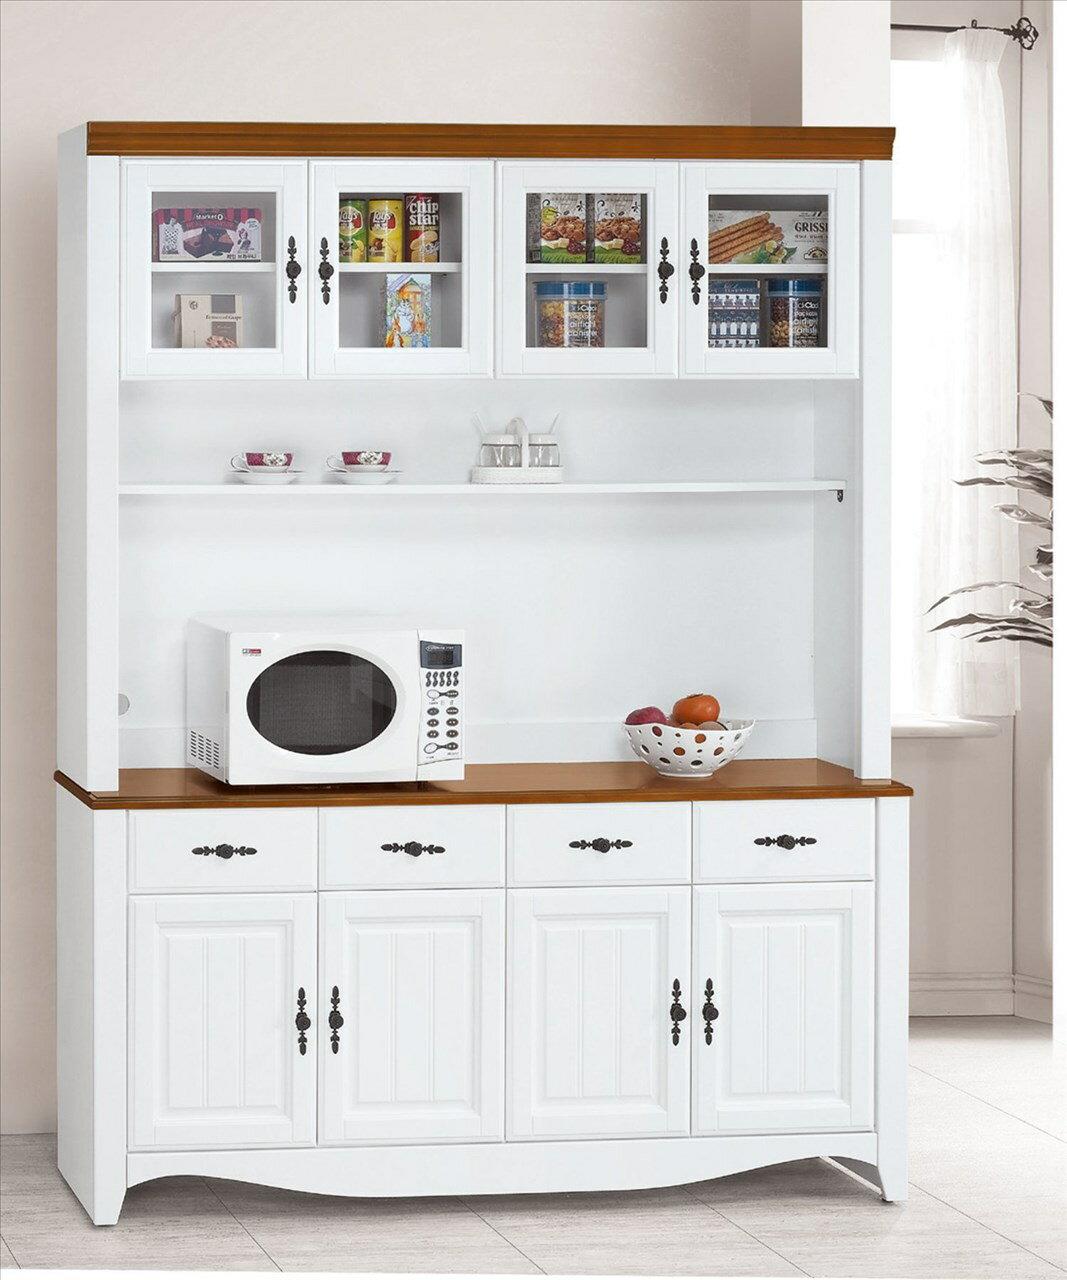 【石川家居】EF-4-6 泰豐白色5.3尺餐櫃組(全組) (不含其他商品) 需搭配車趟